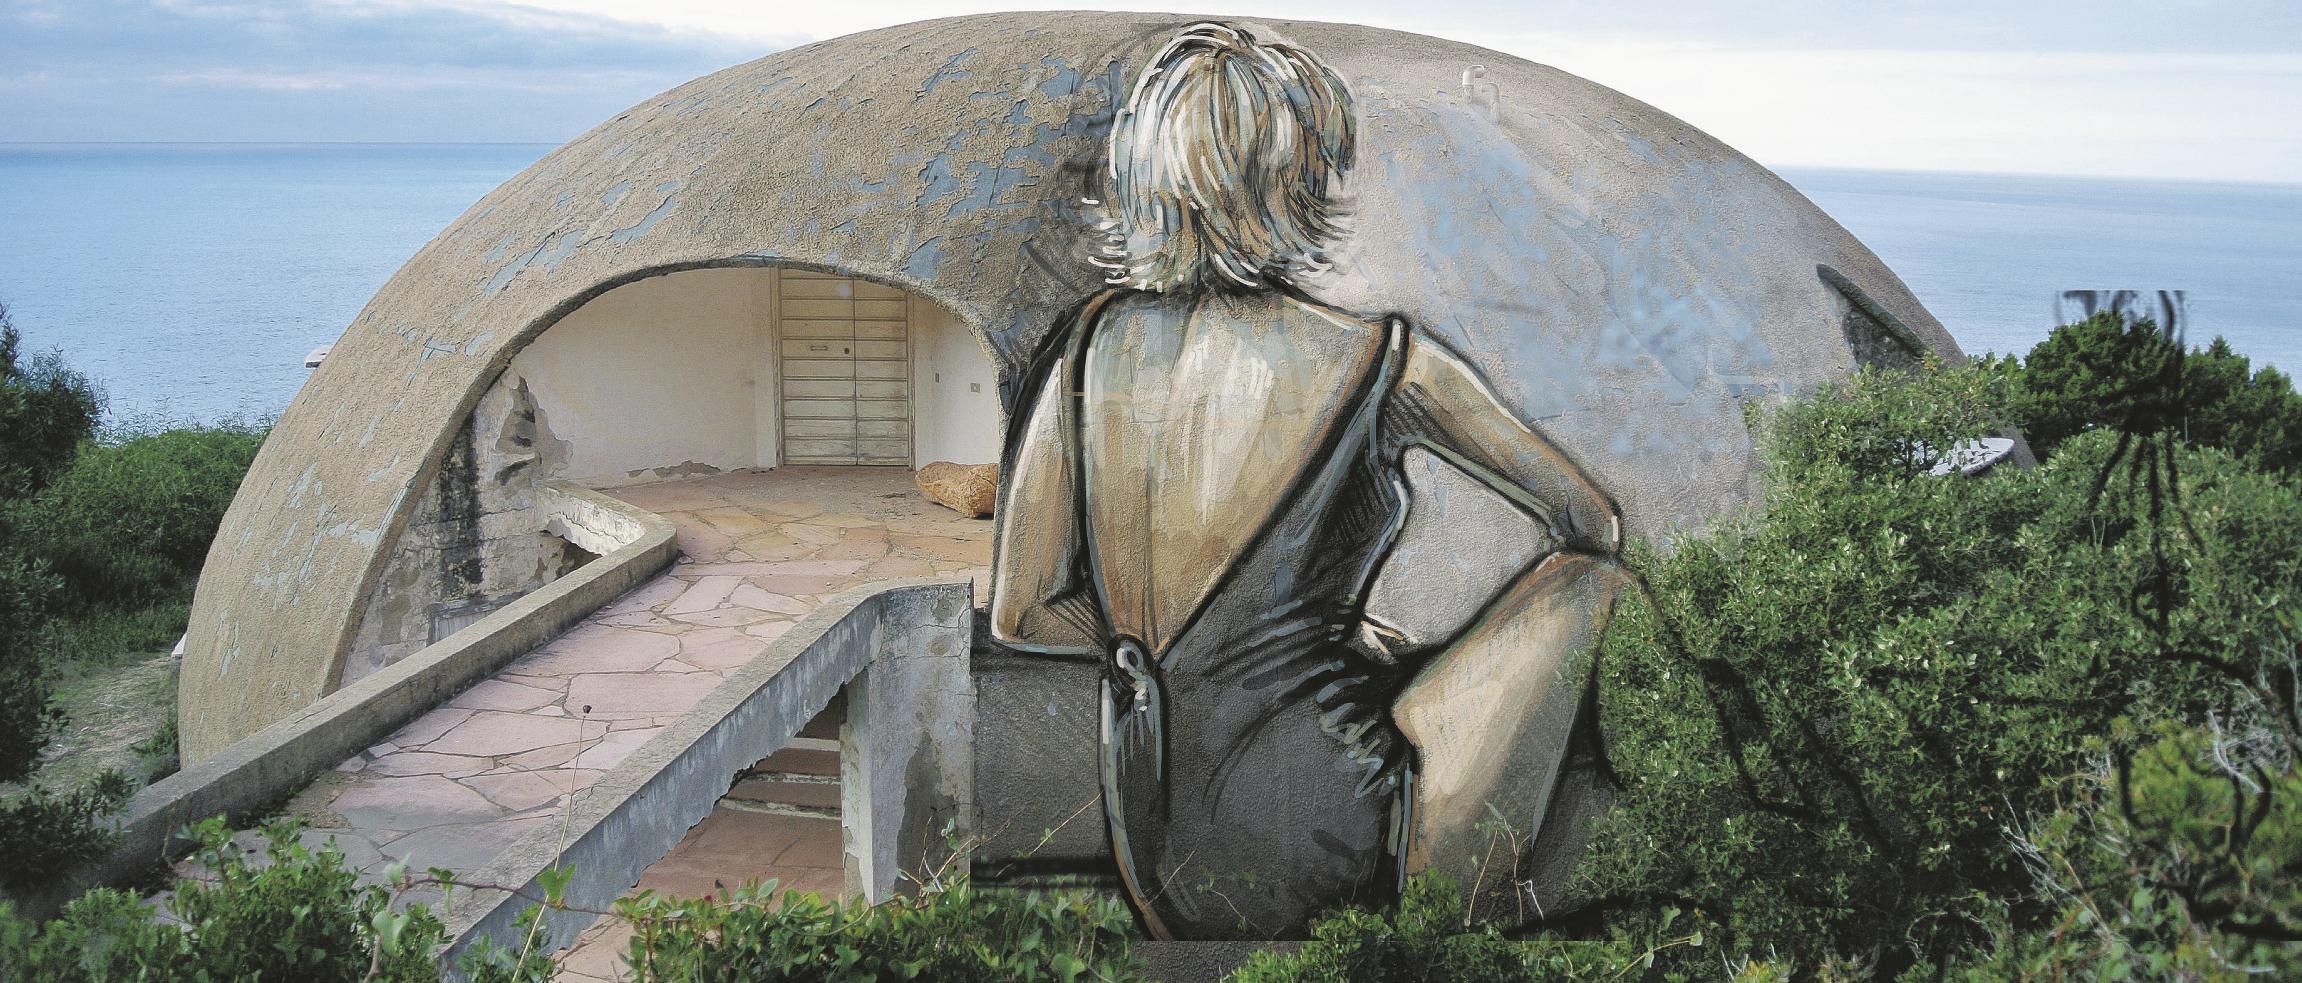 DOPO. La Cupola, Costa Paradiso, Sardegna.  (Bozzetto Alice Pasquini) Sul Fatto Quotidiano del 6 ottobre 2014